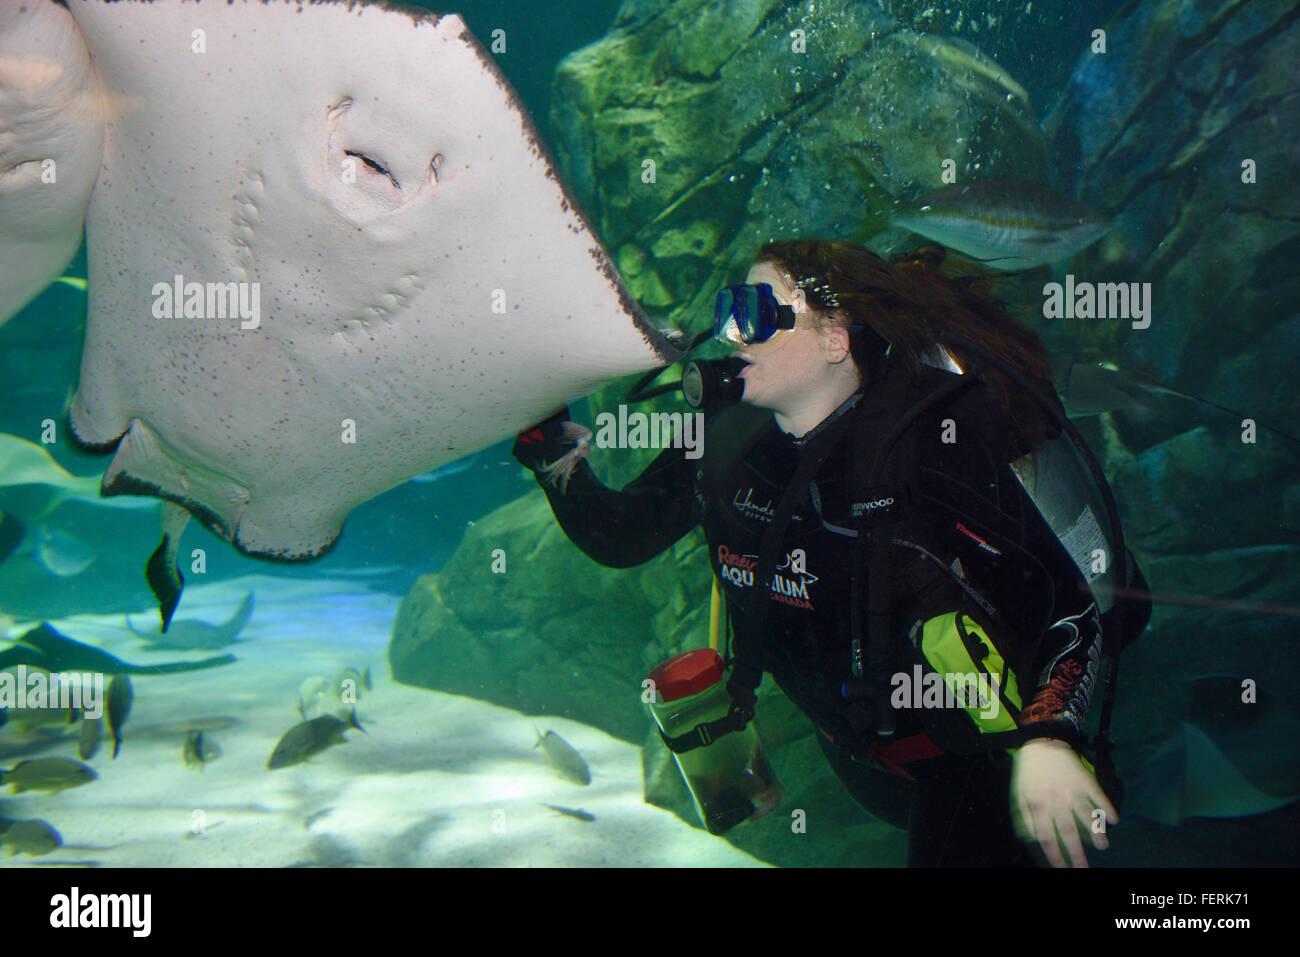 Scuba Diver squid pour nourrir une stingray sud Ripley's aquarium à toronto Photo Stock